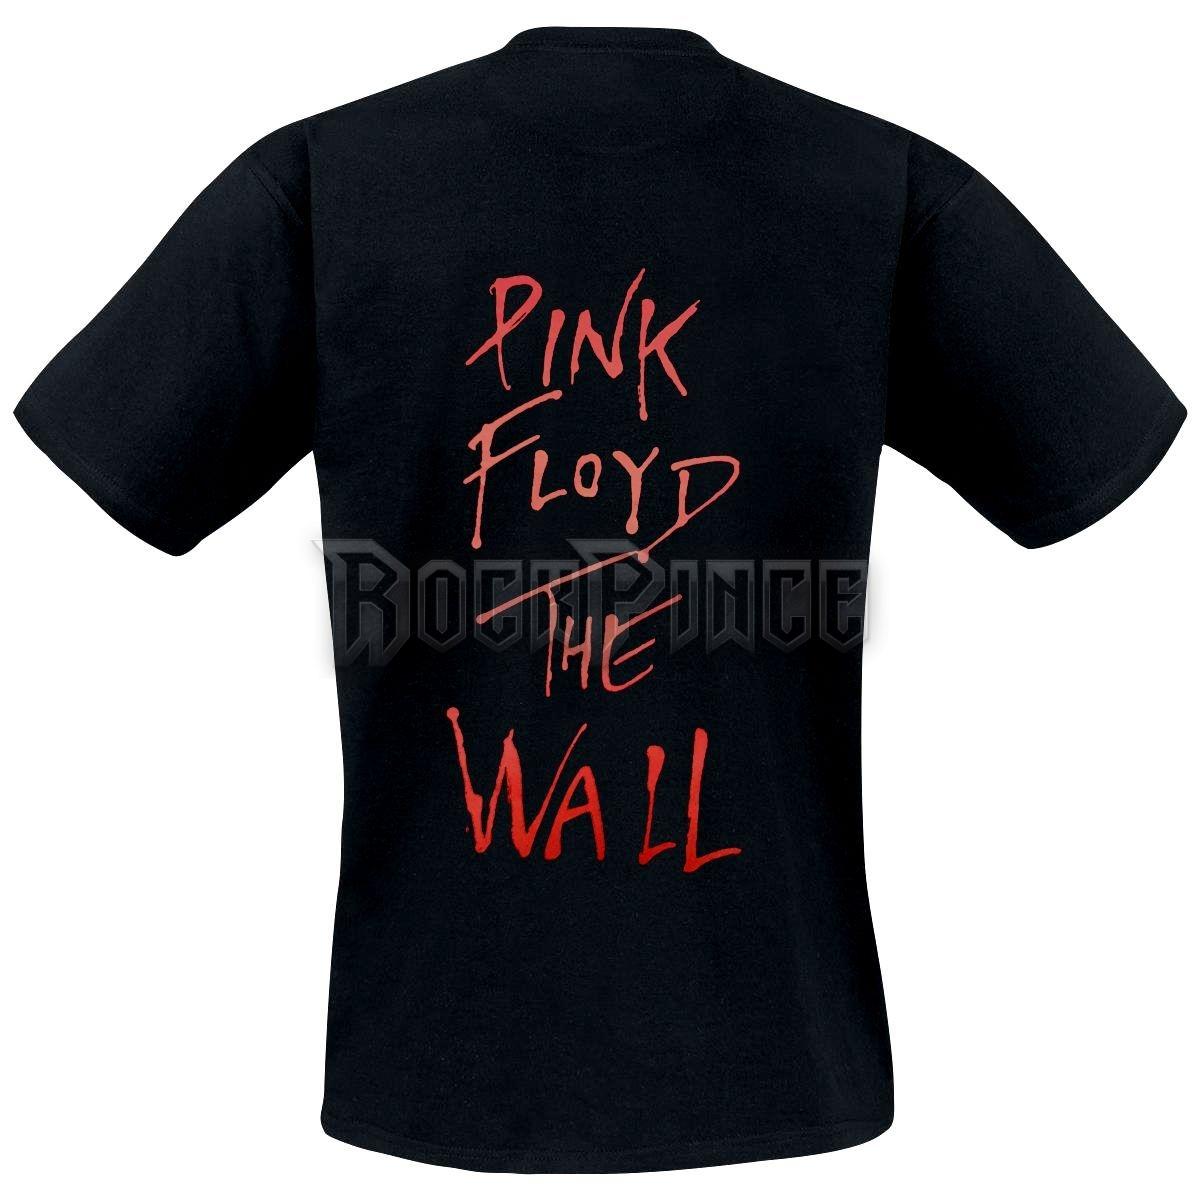 Pink Floyd - The Wall - UNISEX PÓLÓ